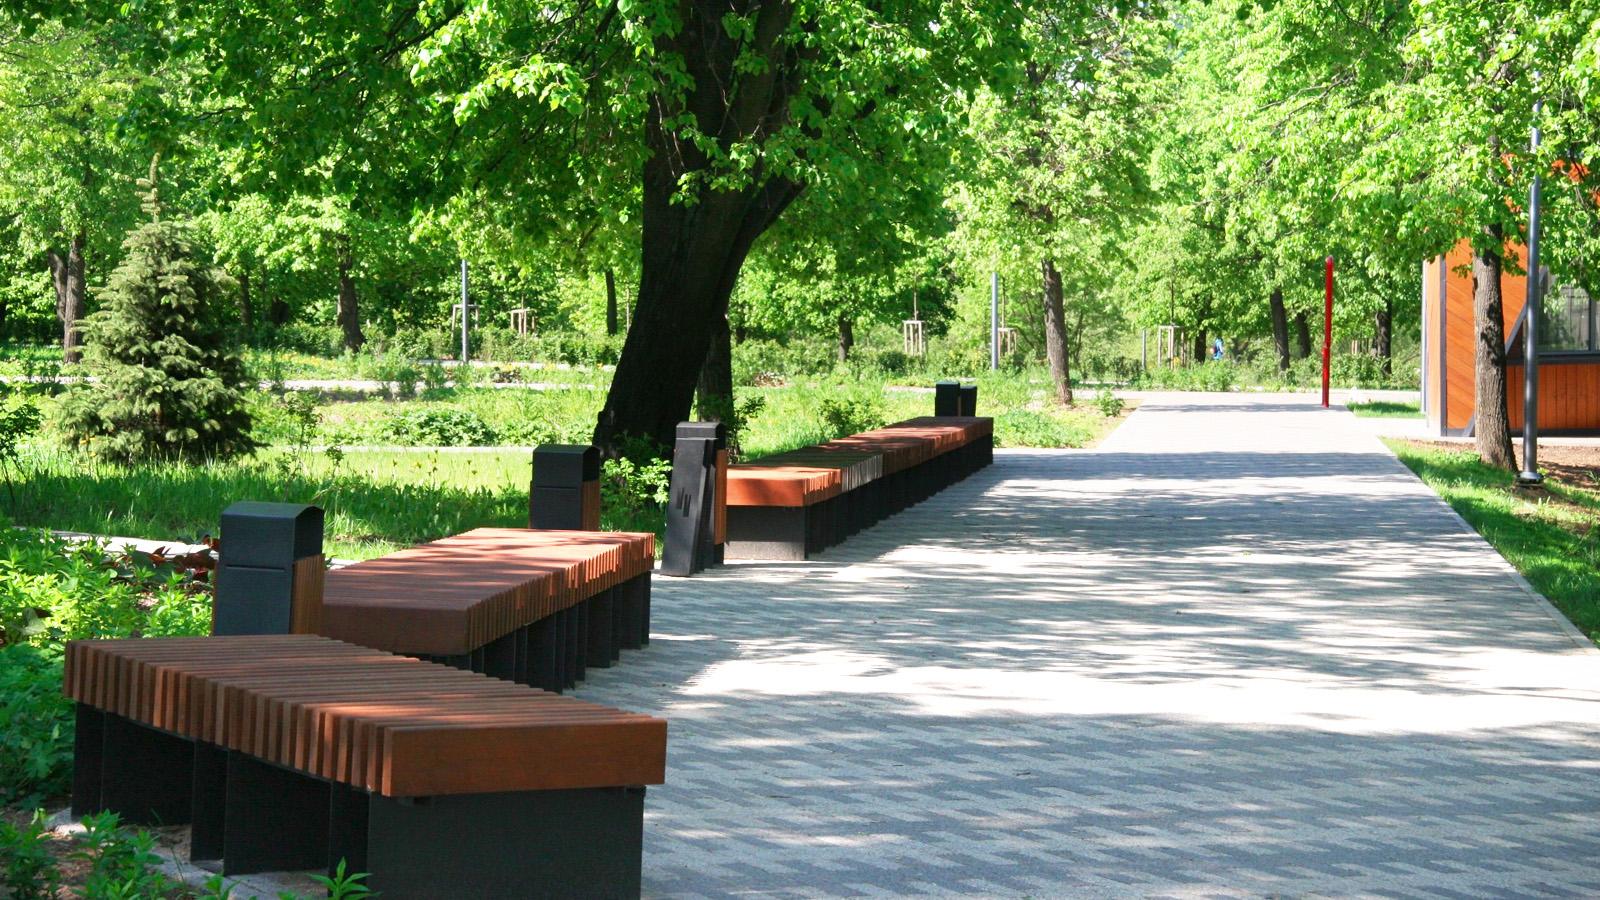 streletsandpark_slide_01